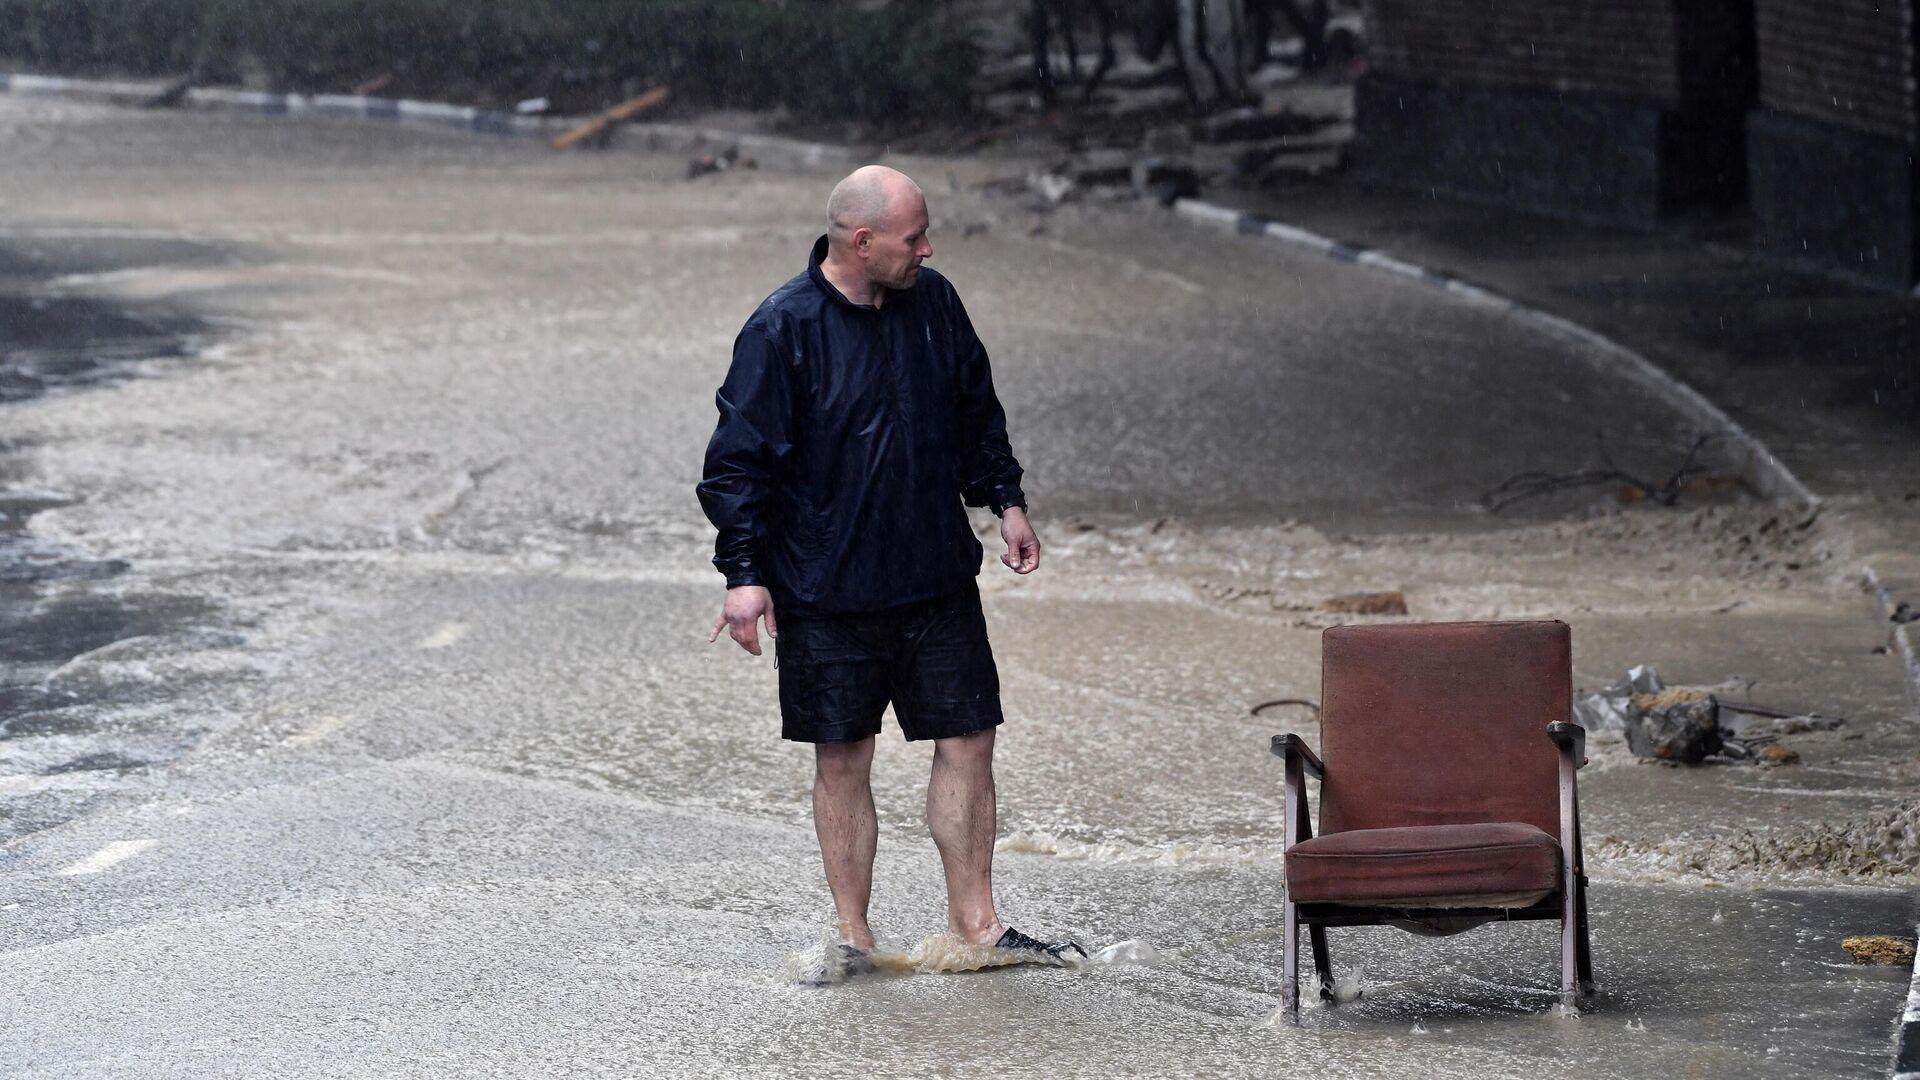 Мужчина на одной из улиц Ялты. В Крыму прошли сильные дожди, вызвавшие подтопления - РИА Новости, 1920, 21.06.2021